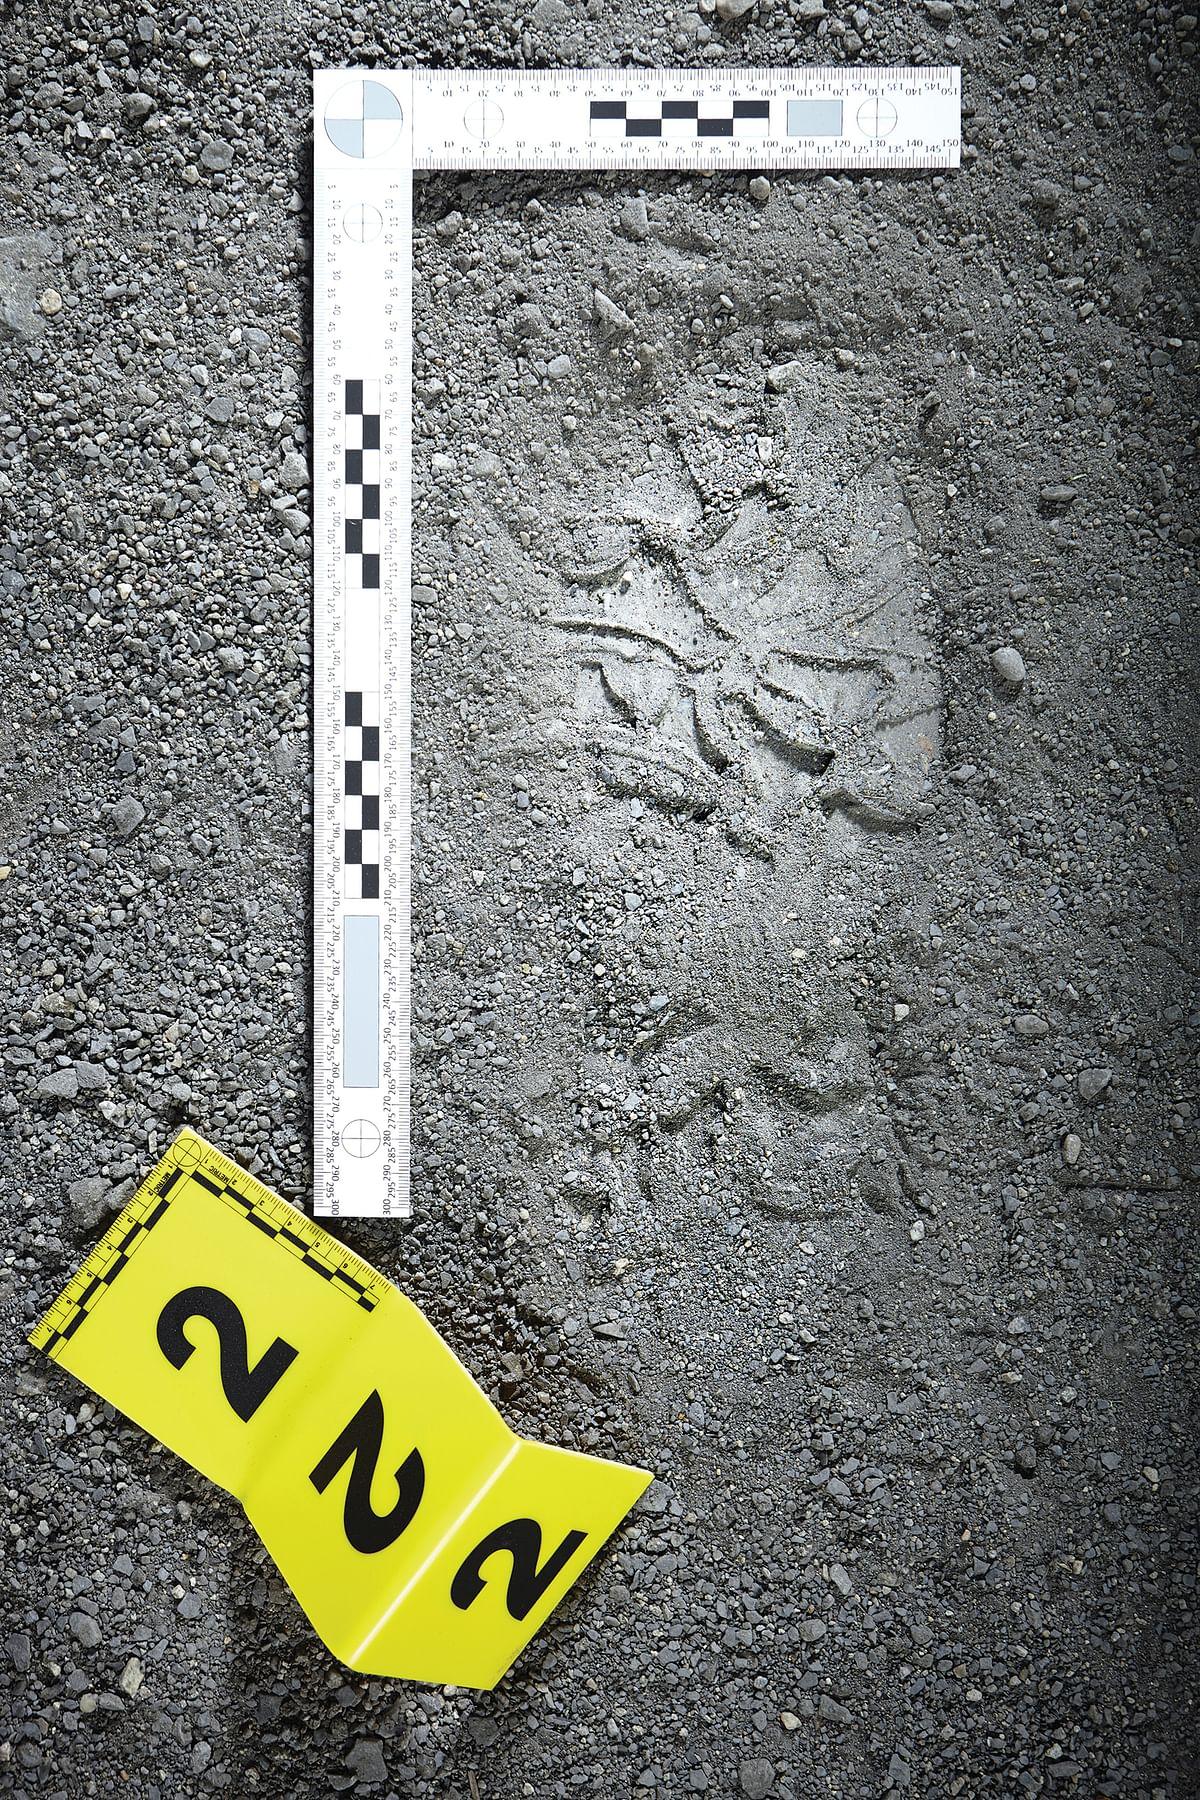 Crime scene investigation - footprint of criminal